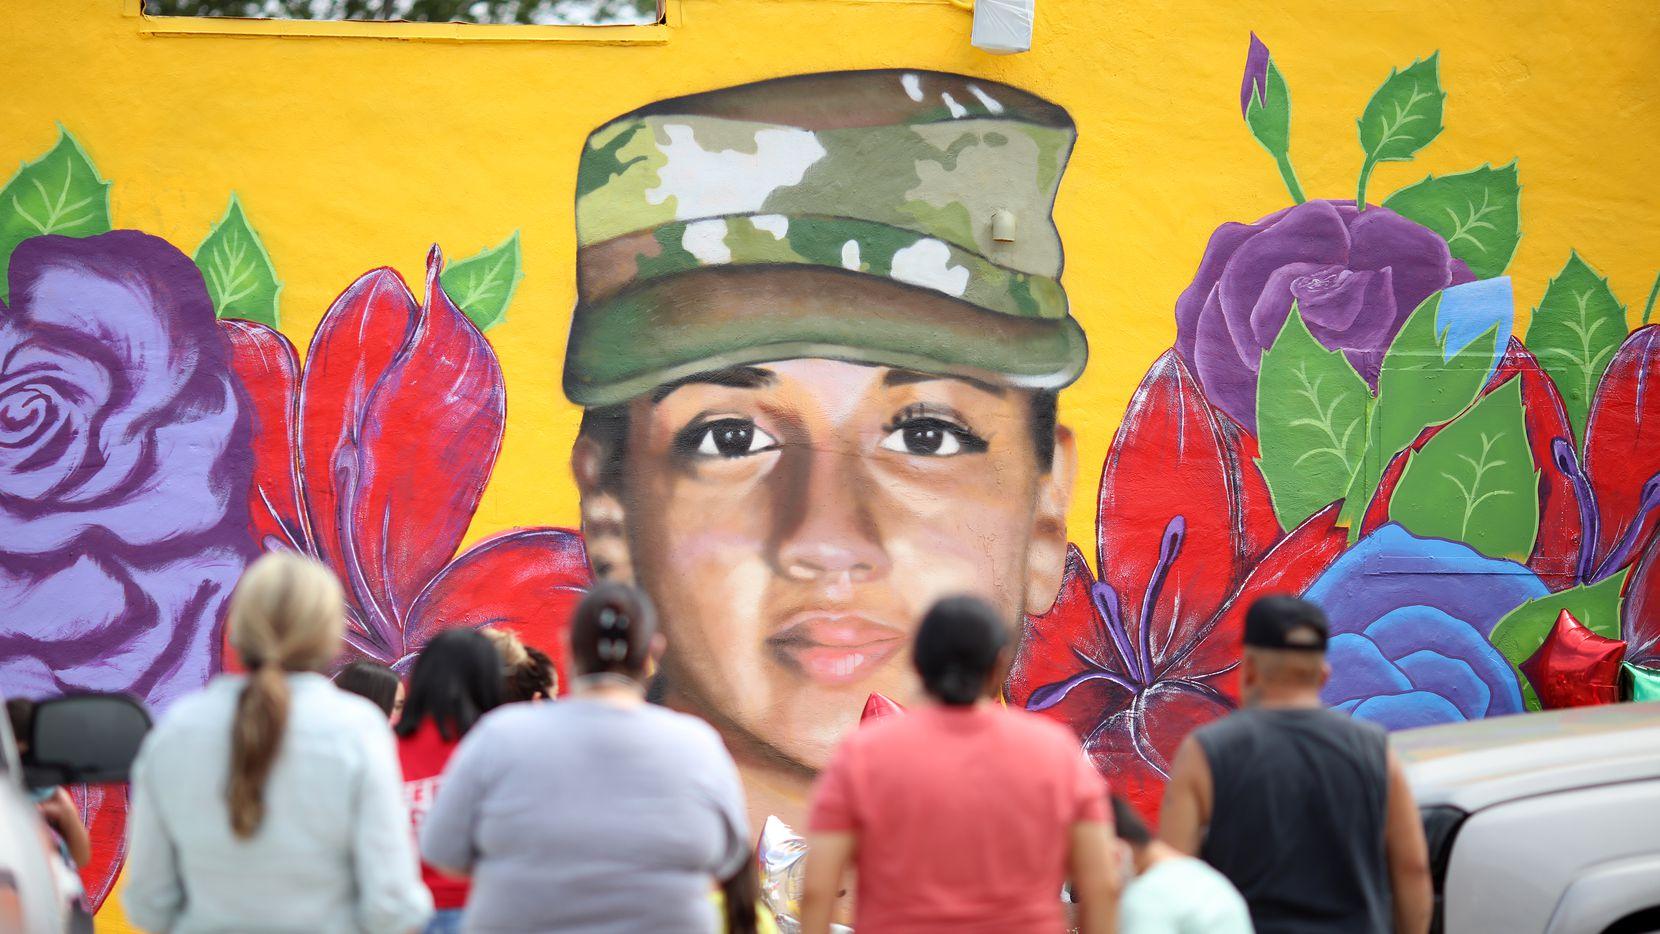 La Legislatura de Texas aprobó una ley para castigar los delitos sexuales dentro de las Fuerzas Militares de Texas. Dicha ley fue llamada Vanessa Guillén, en honor a la joven militar asesinada en la base militar de Fort Hood. En la imagen, un mural con el rostro de Vanessa Guillén, en Fort Worth, pintado por el artista plástico Juan Velázquez.